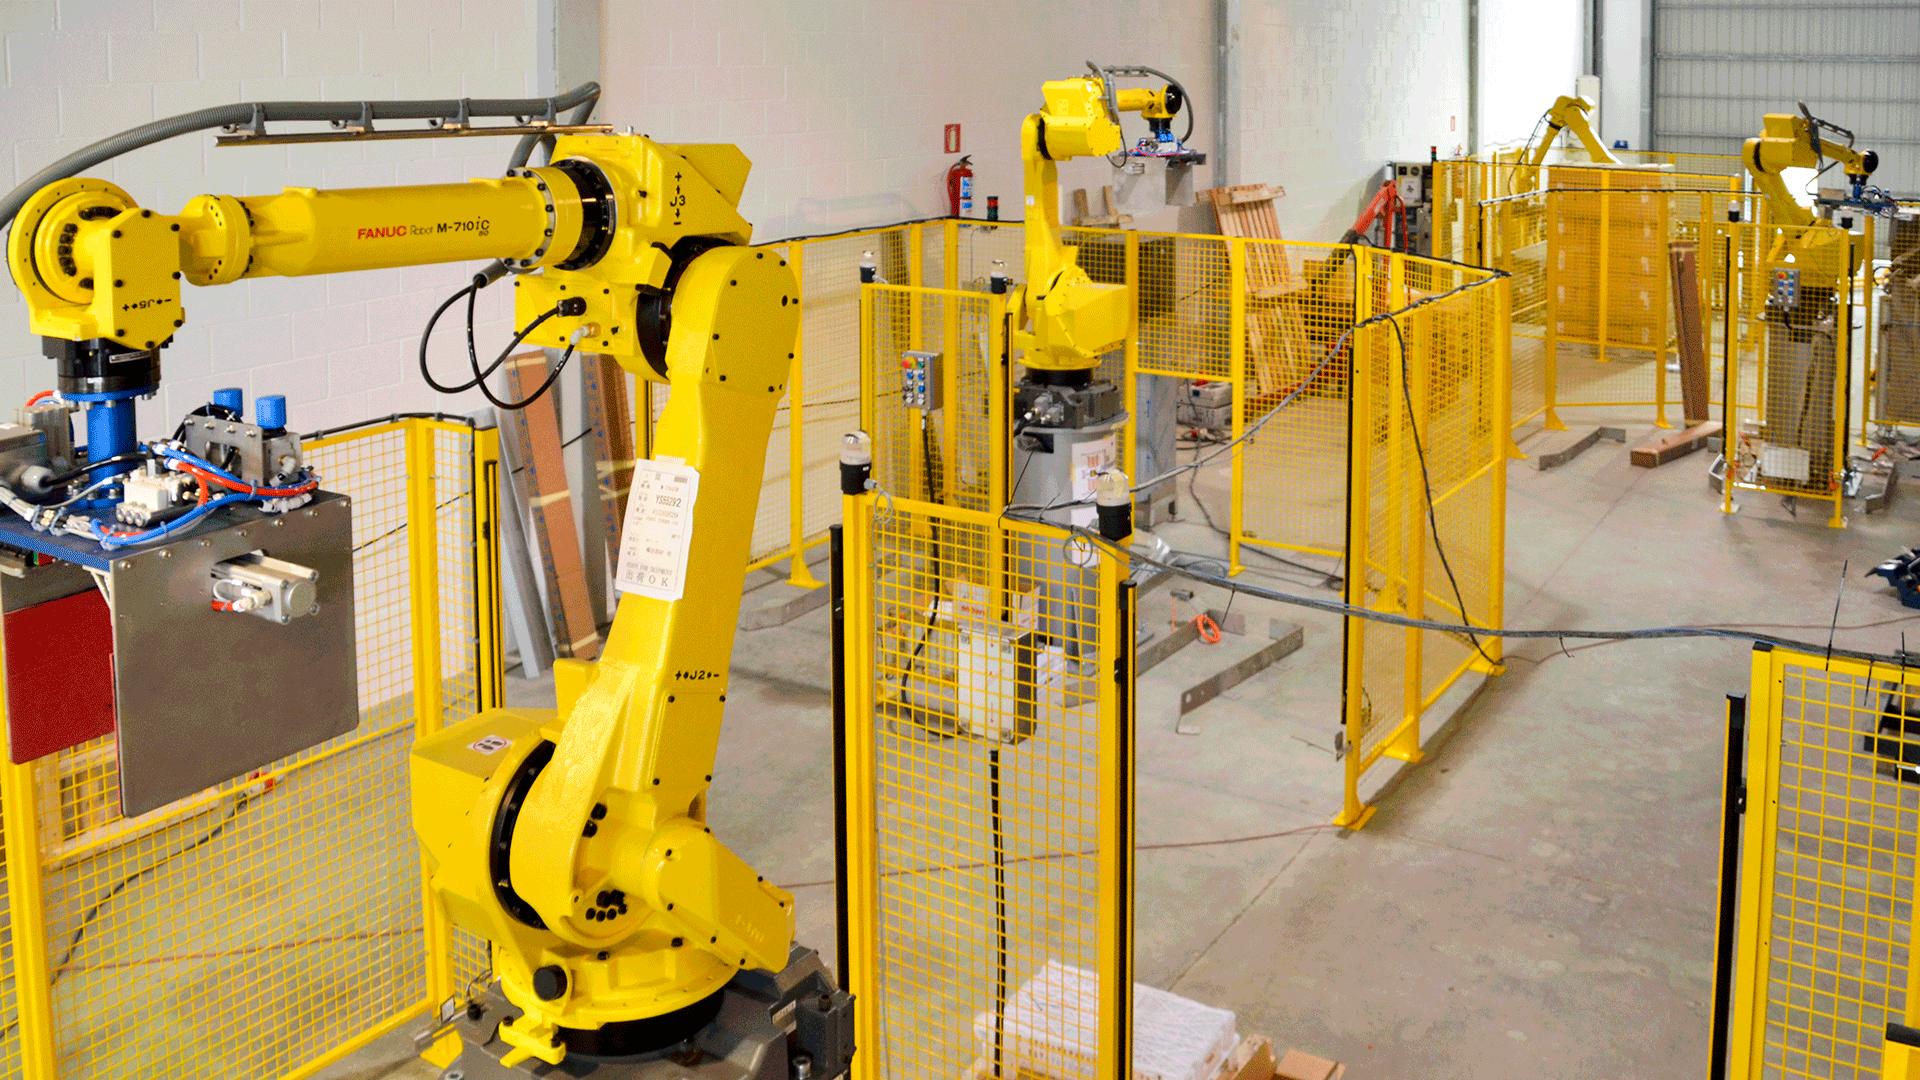 Puesta en marcha de células de paletizado con robots fanuc